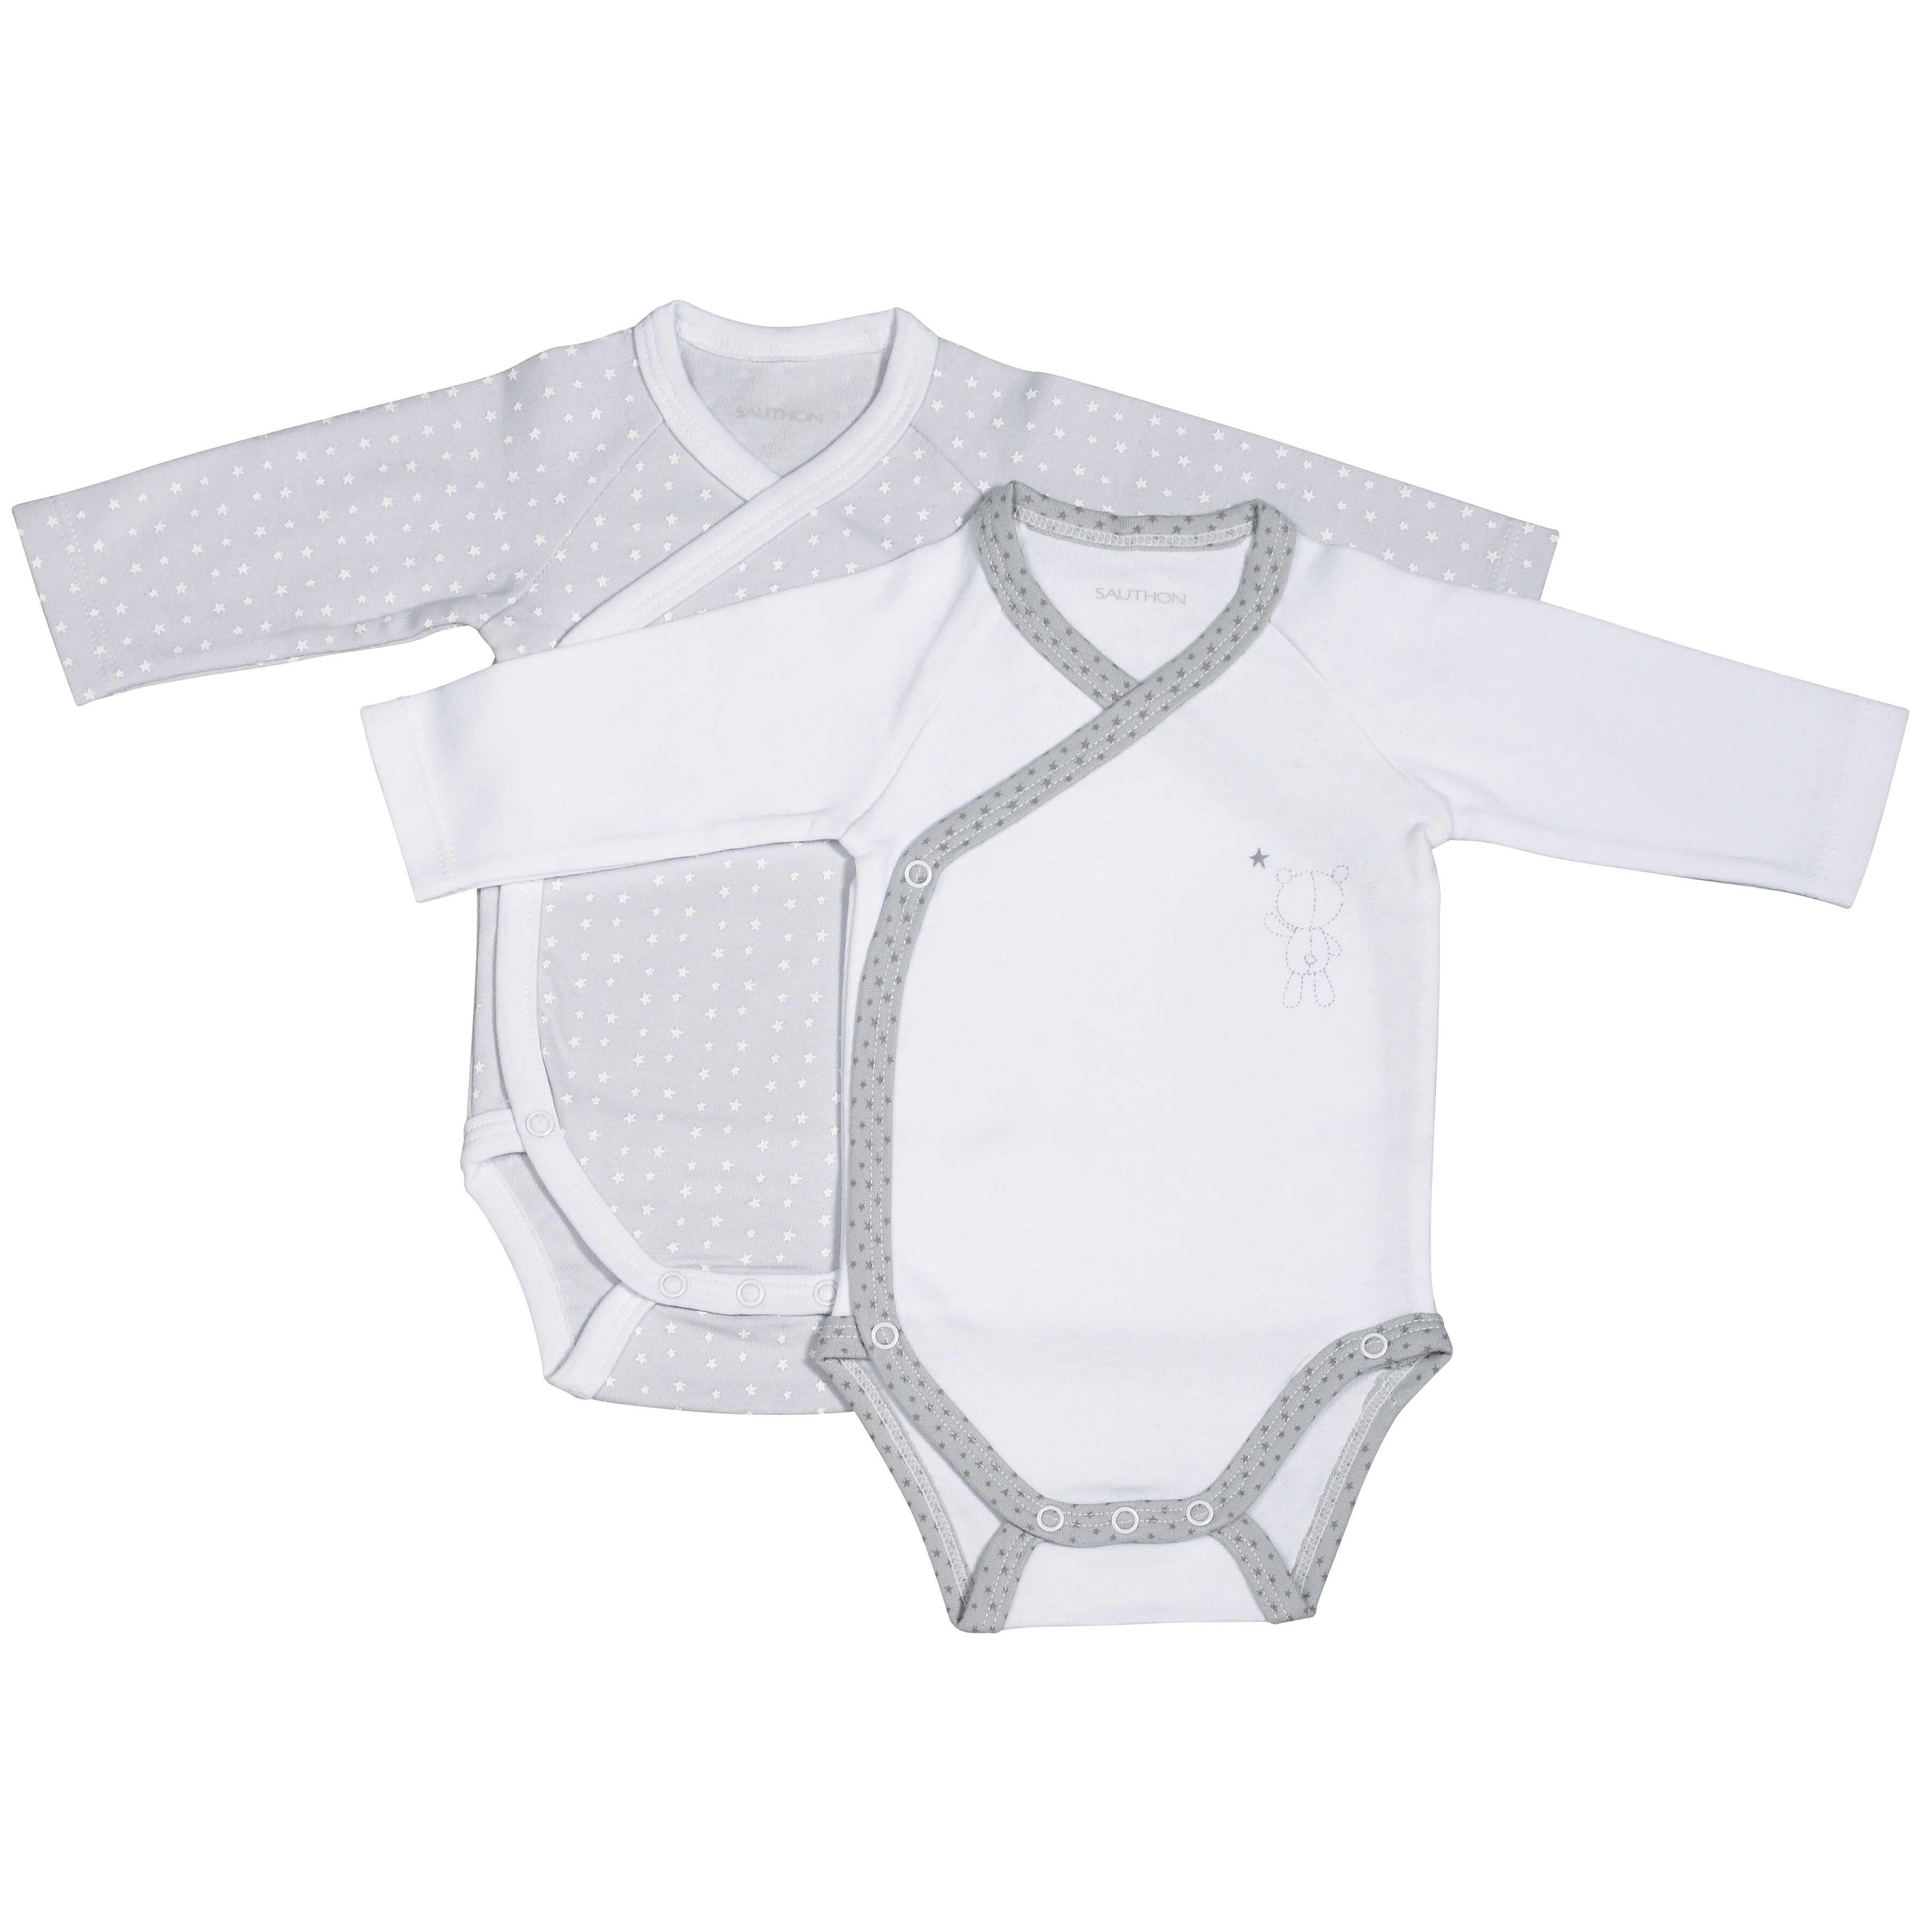 Sauthon Lot de 2 bodies blanc gris taille 3 mois Céleste - Made In Bébé 0efbbf5bc55